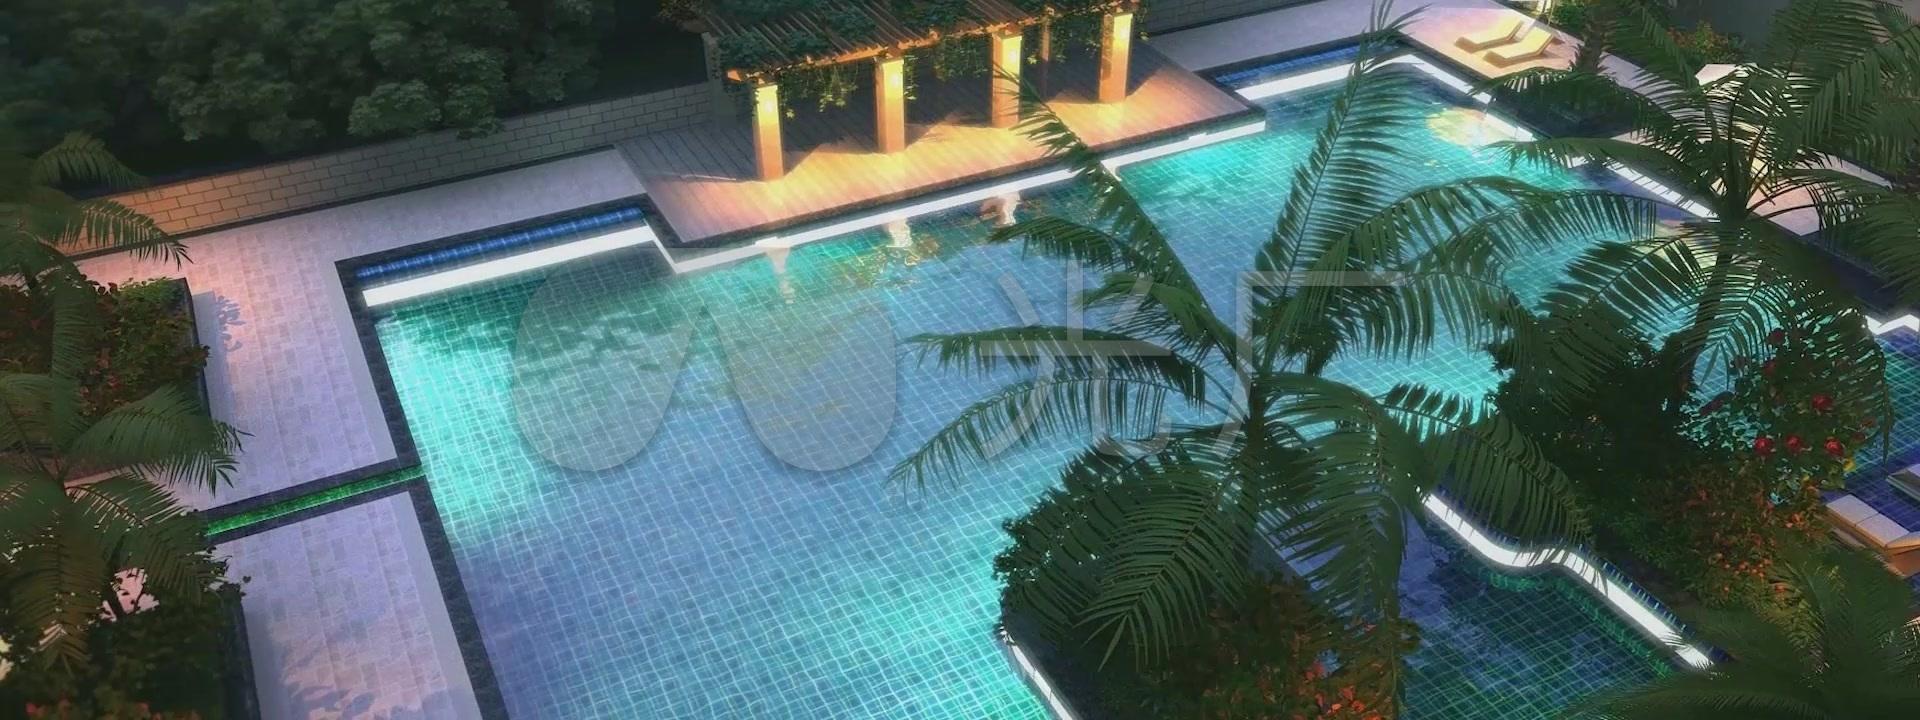 动画大厅游泳池停车场3d建筑v动画小区水景_1太原学一个平面设计多少钱图片